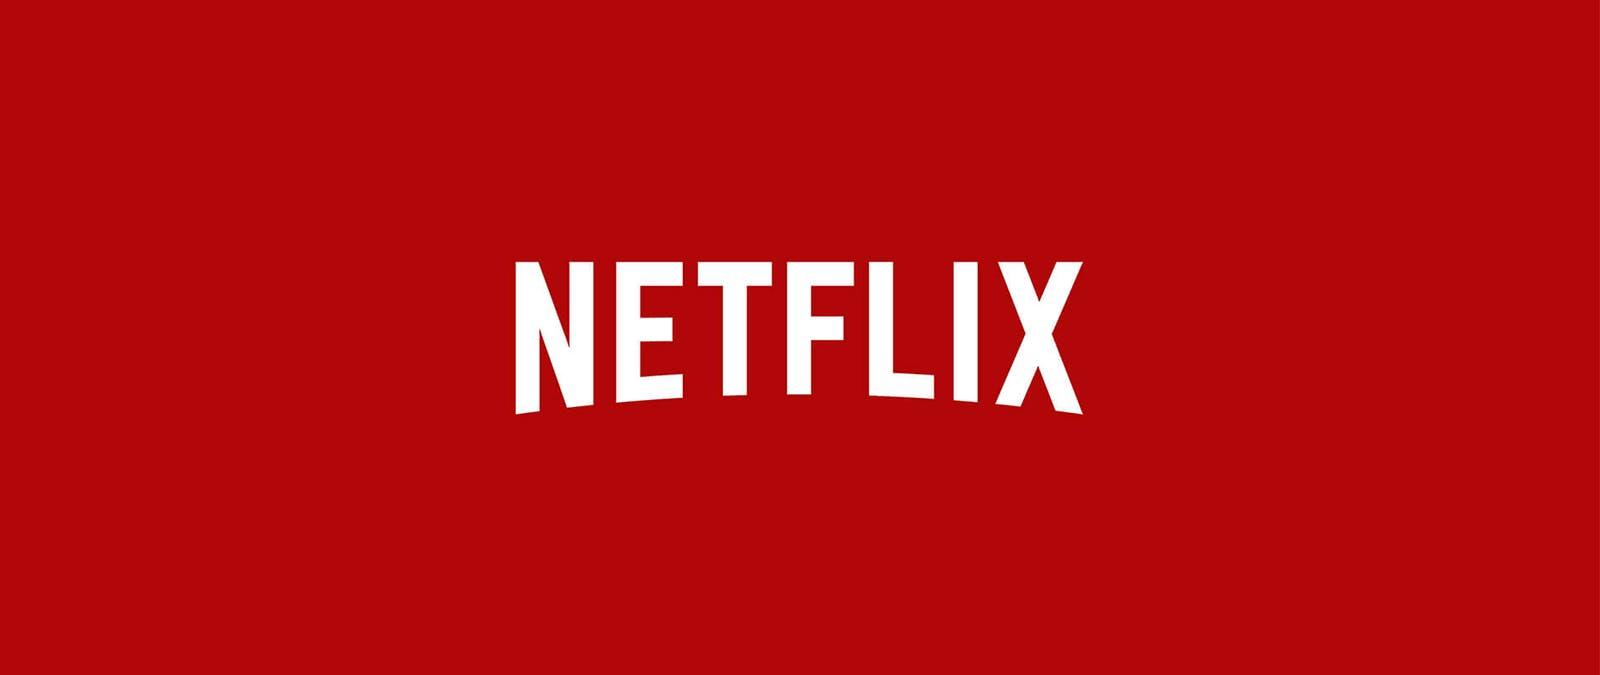 Netflix Logo 1